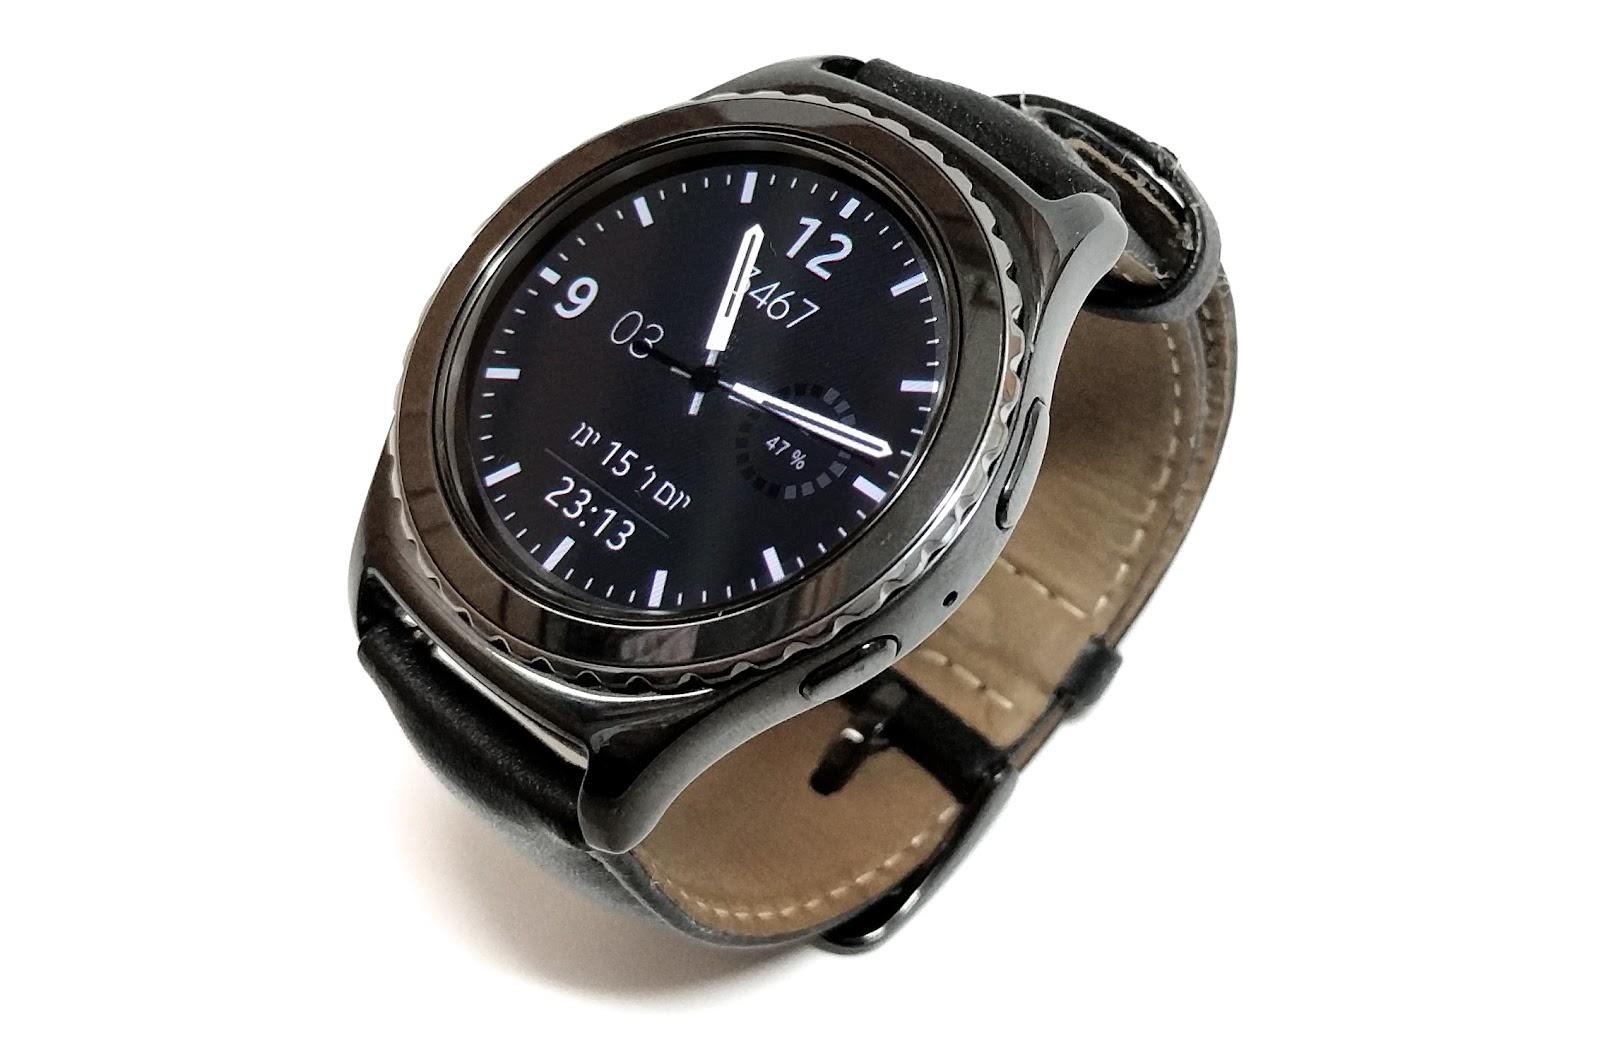 מודרני חפיצים: כזה ניסיתי: Samsung Gear S2 YI-14